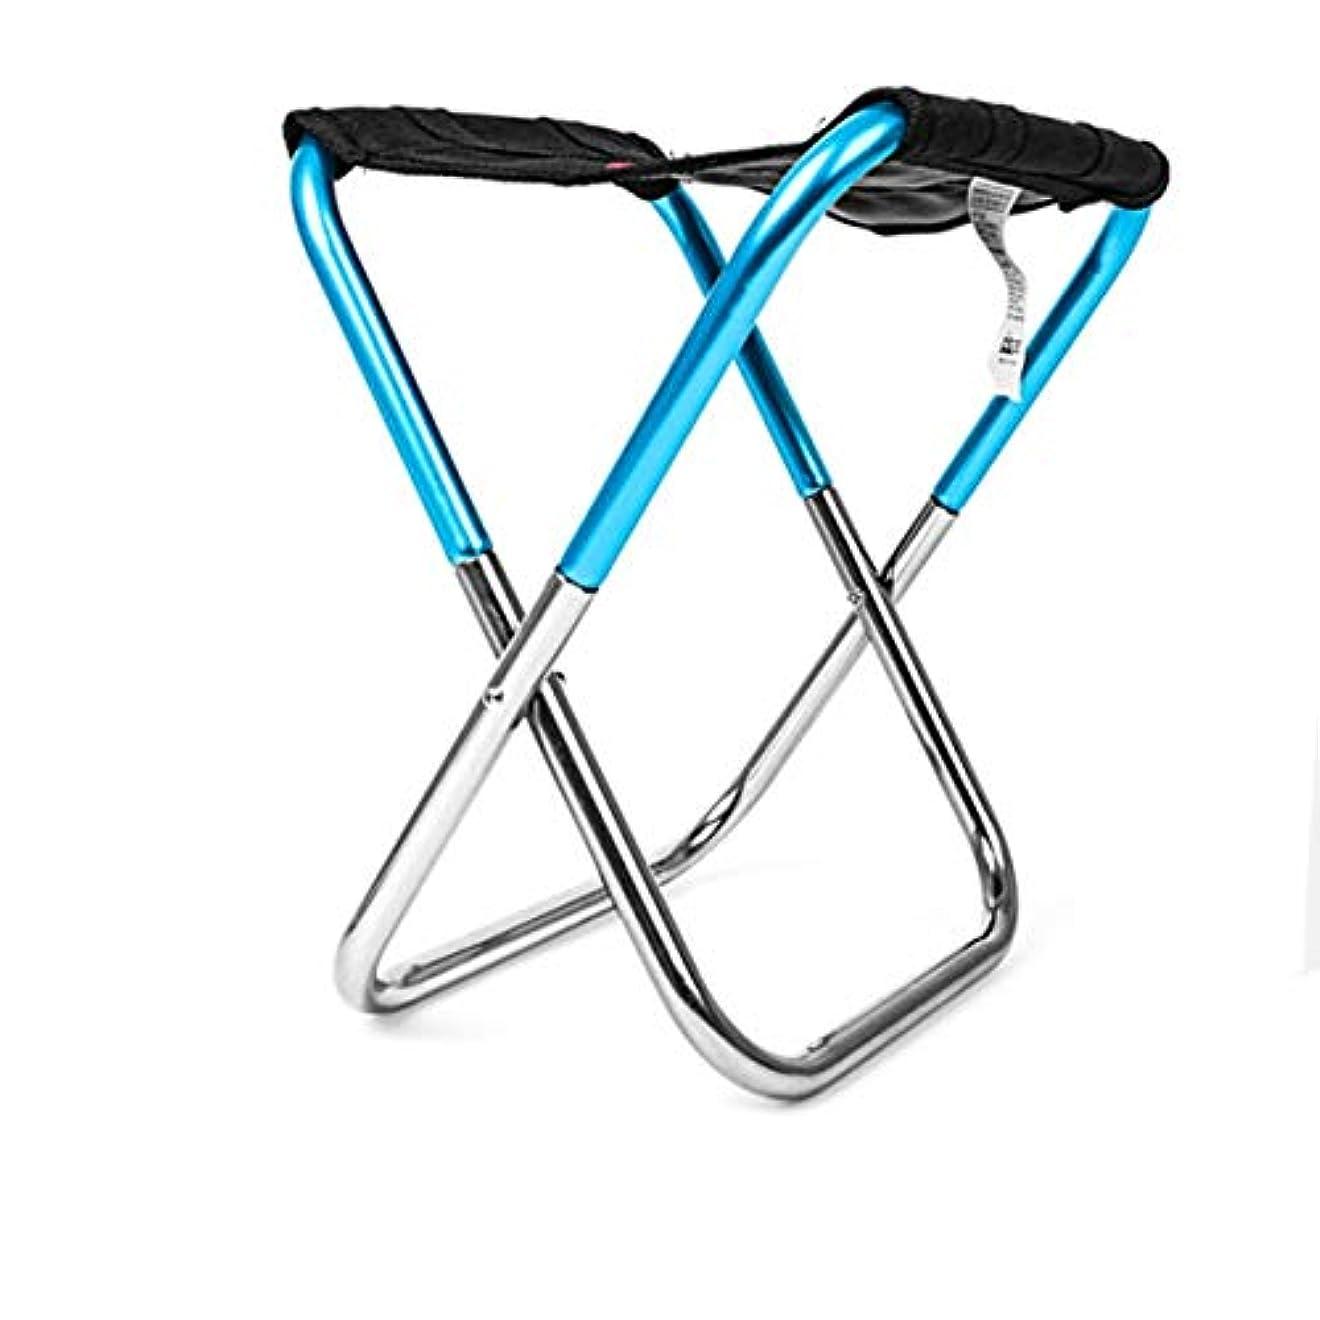 誰も倒錯心理学屋外折りたたみシートチェア折りたたみミニスツールポータブルキャンプフィッシングトレインベンチ折りたたみ式並んだスツール-ブルー